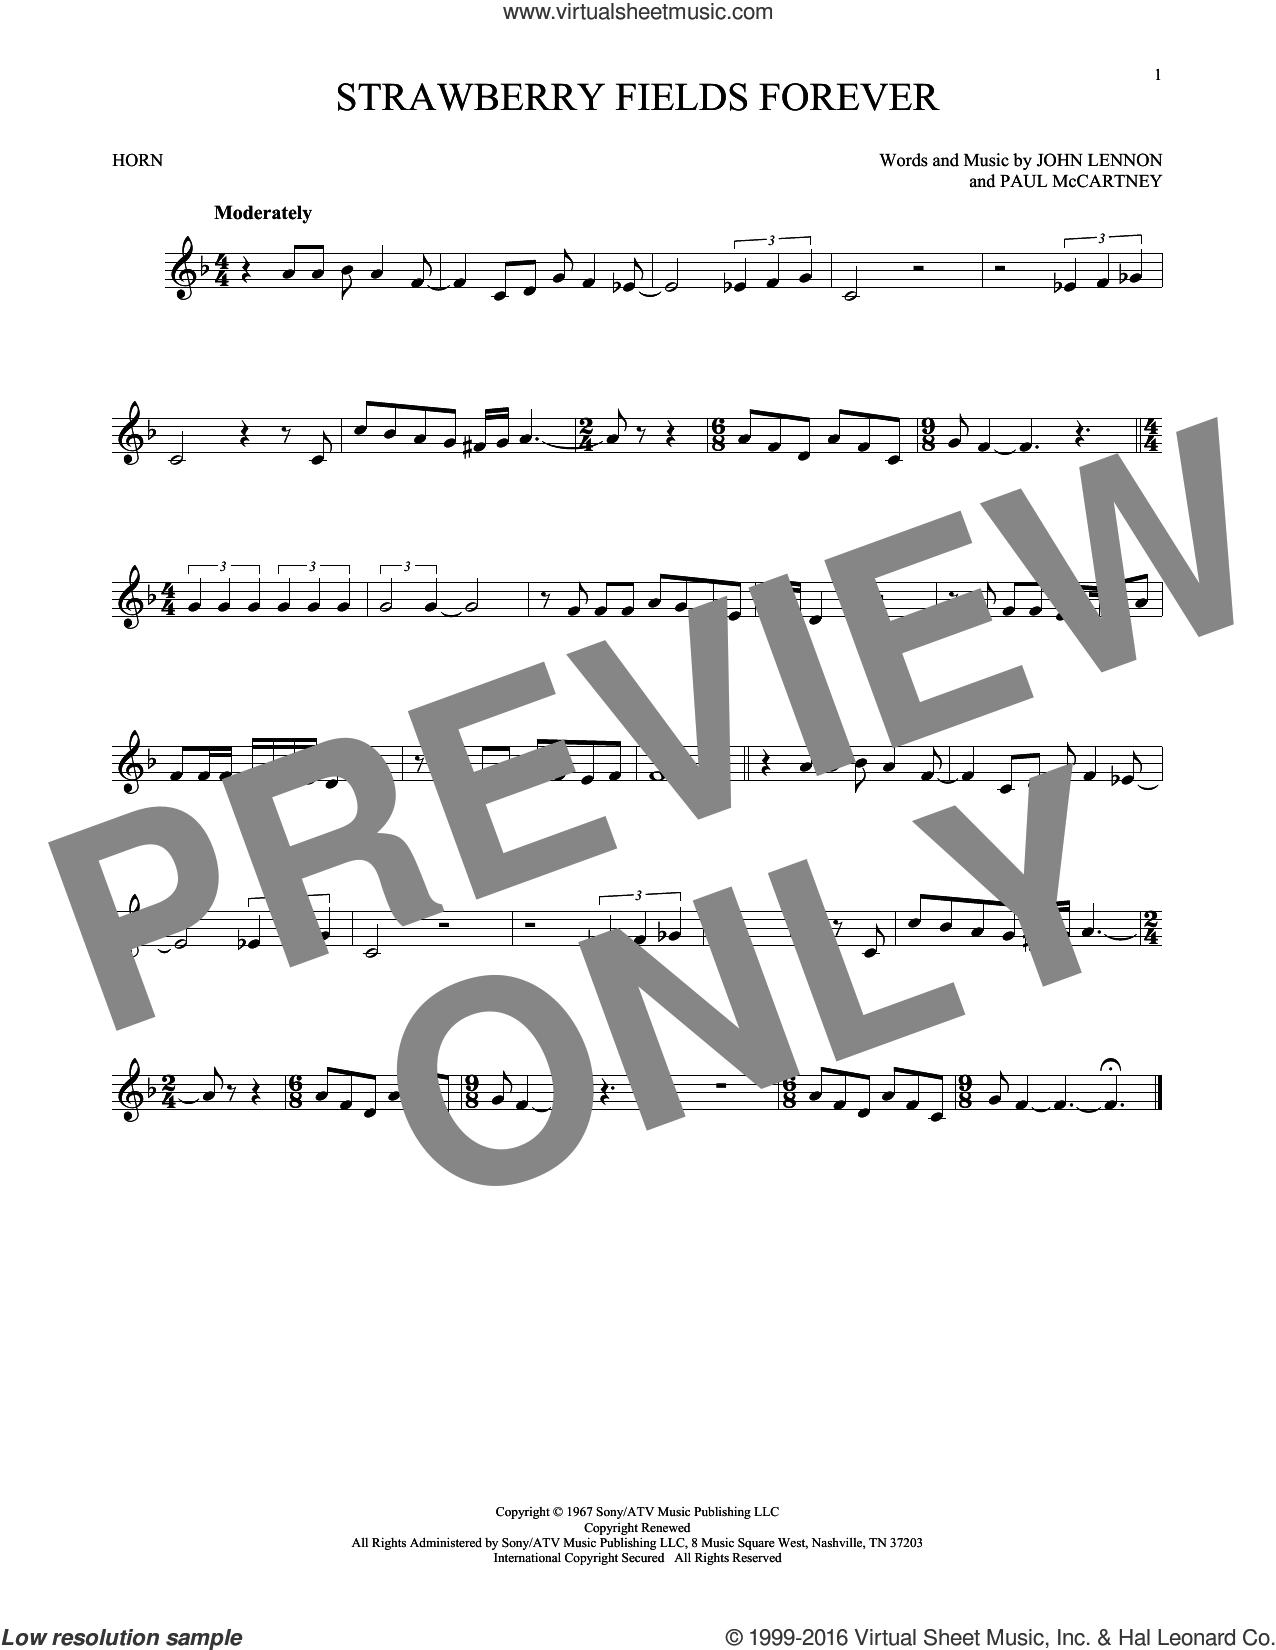 Strawberry Fields Forever sheet music for horn solo by The Beatles, John Lennon and Paul McCartney, intermediate skill level